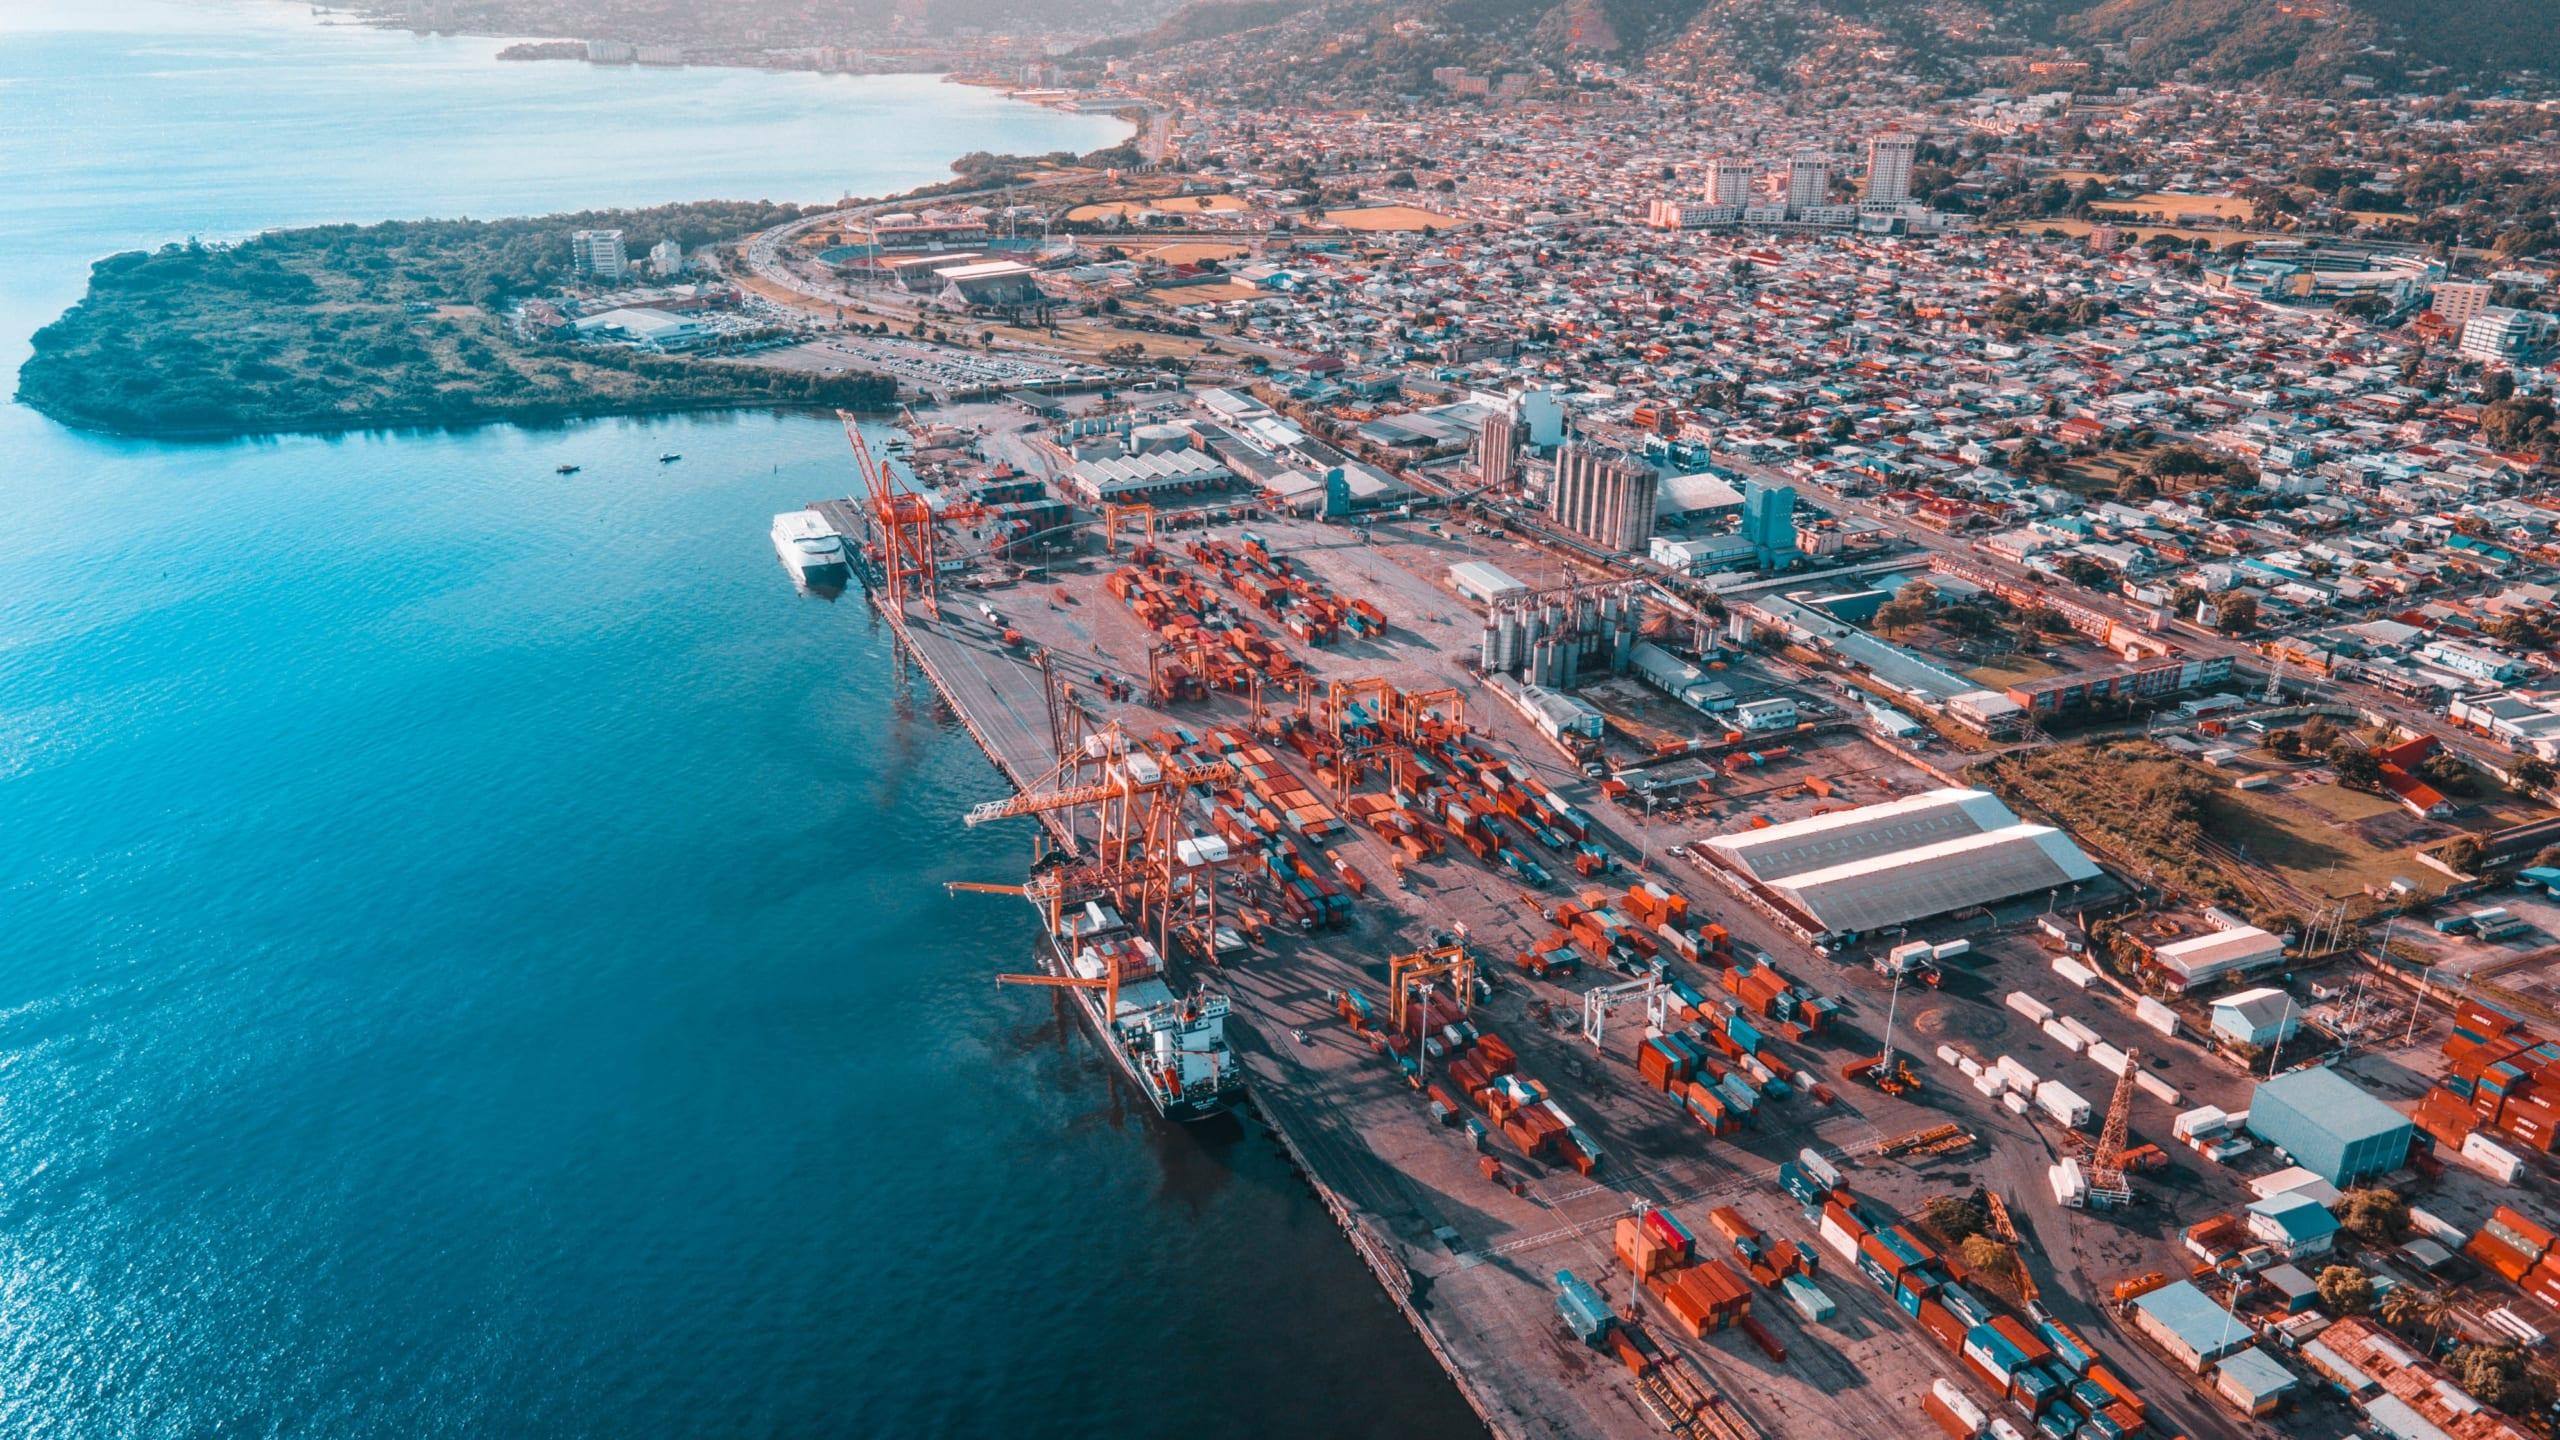 「POLARIS」に新機能「船舶動静監視・評価」を実装した「POLARIS Plus」の提供を開始 ~日本気象協会はPOLARISシリーズにて船舶の海運・造船・ 海洋開発分野でのお客さま企業のDX推進をサポートします~